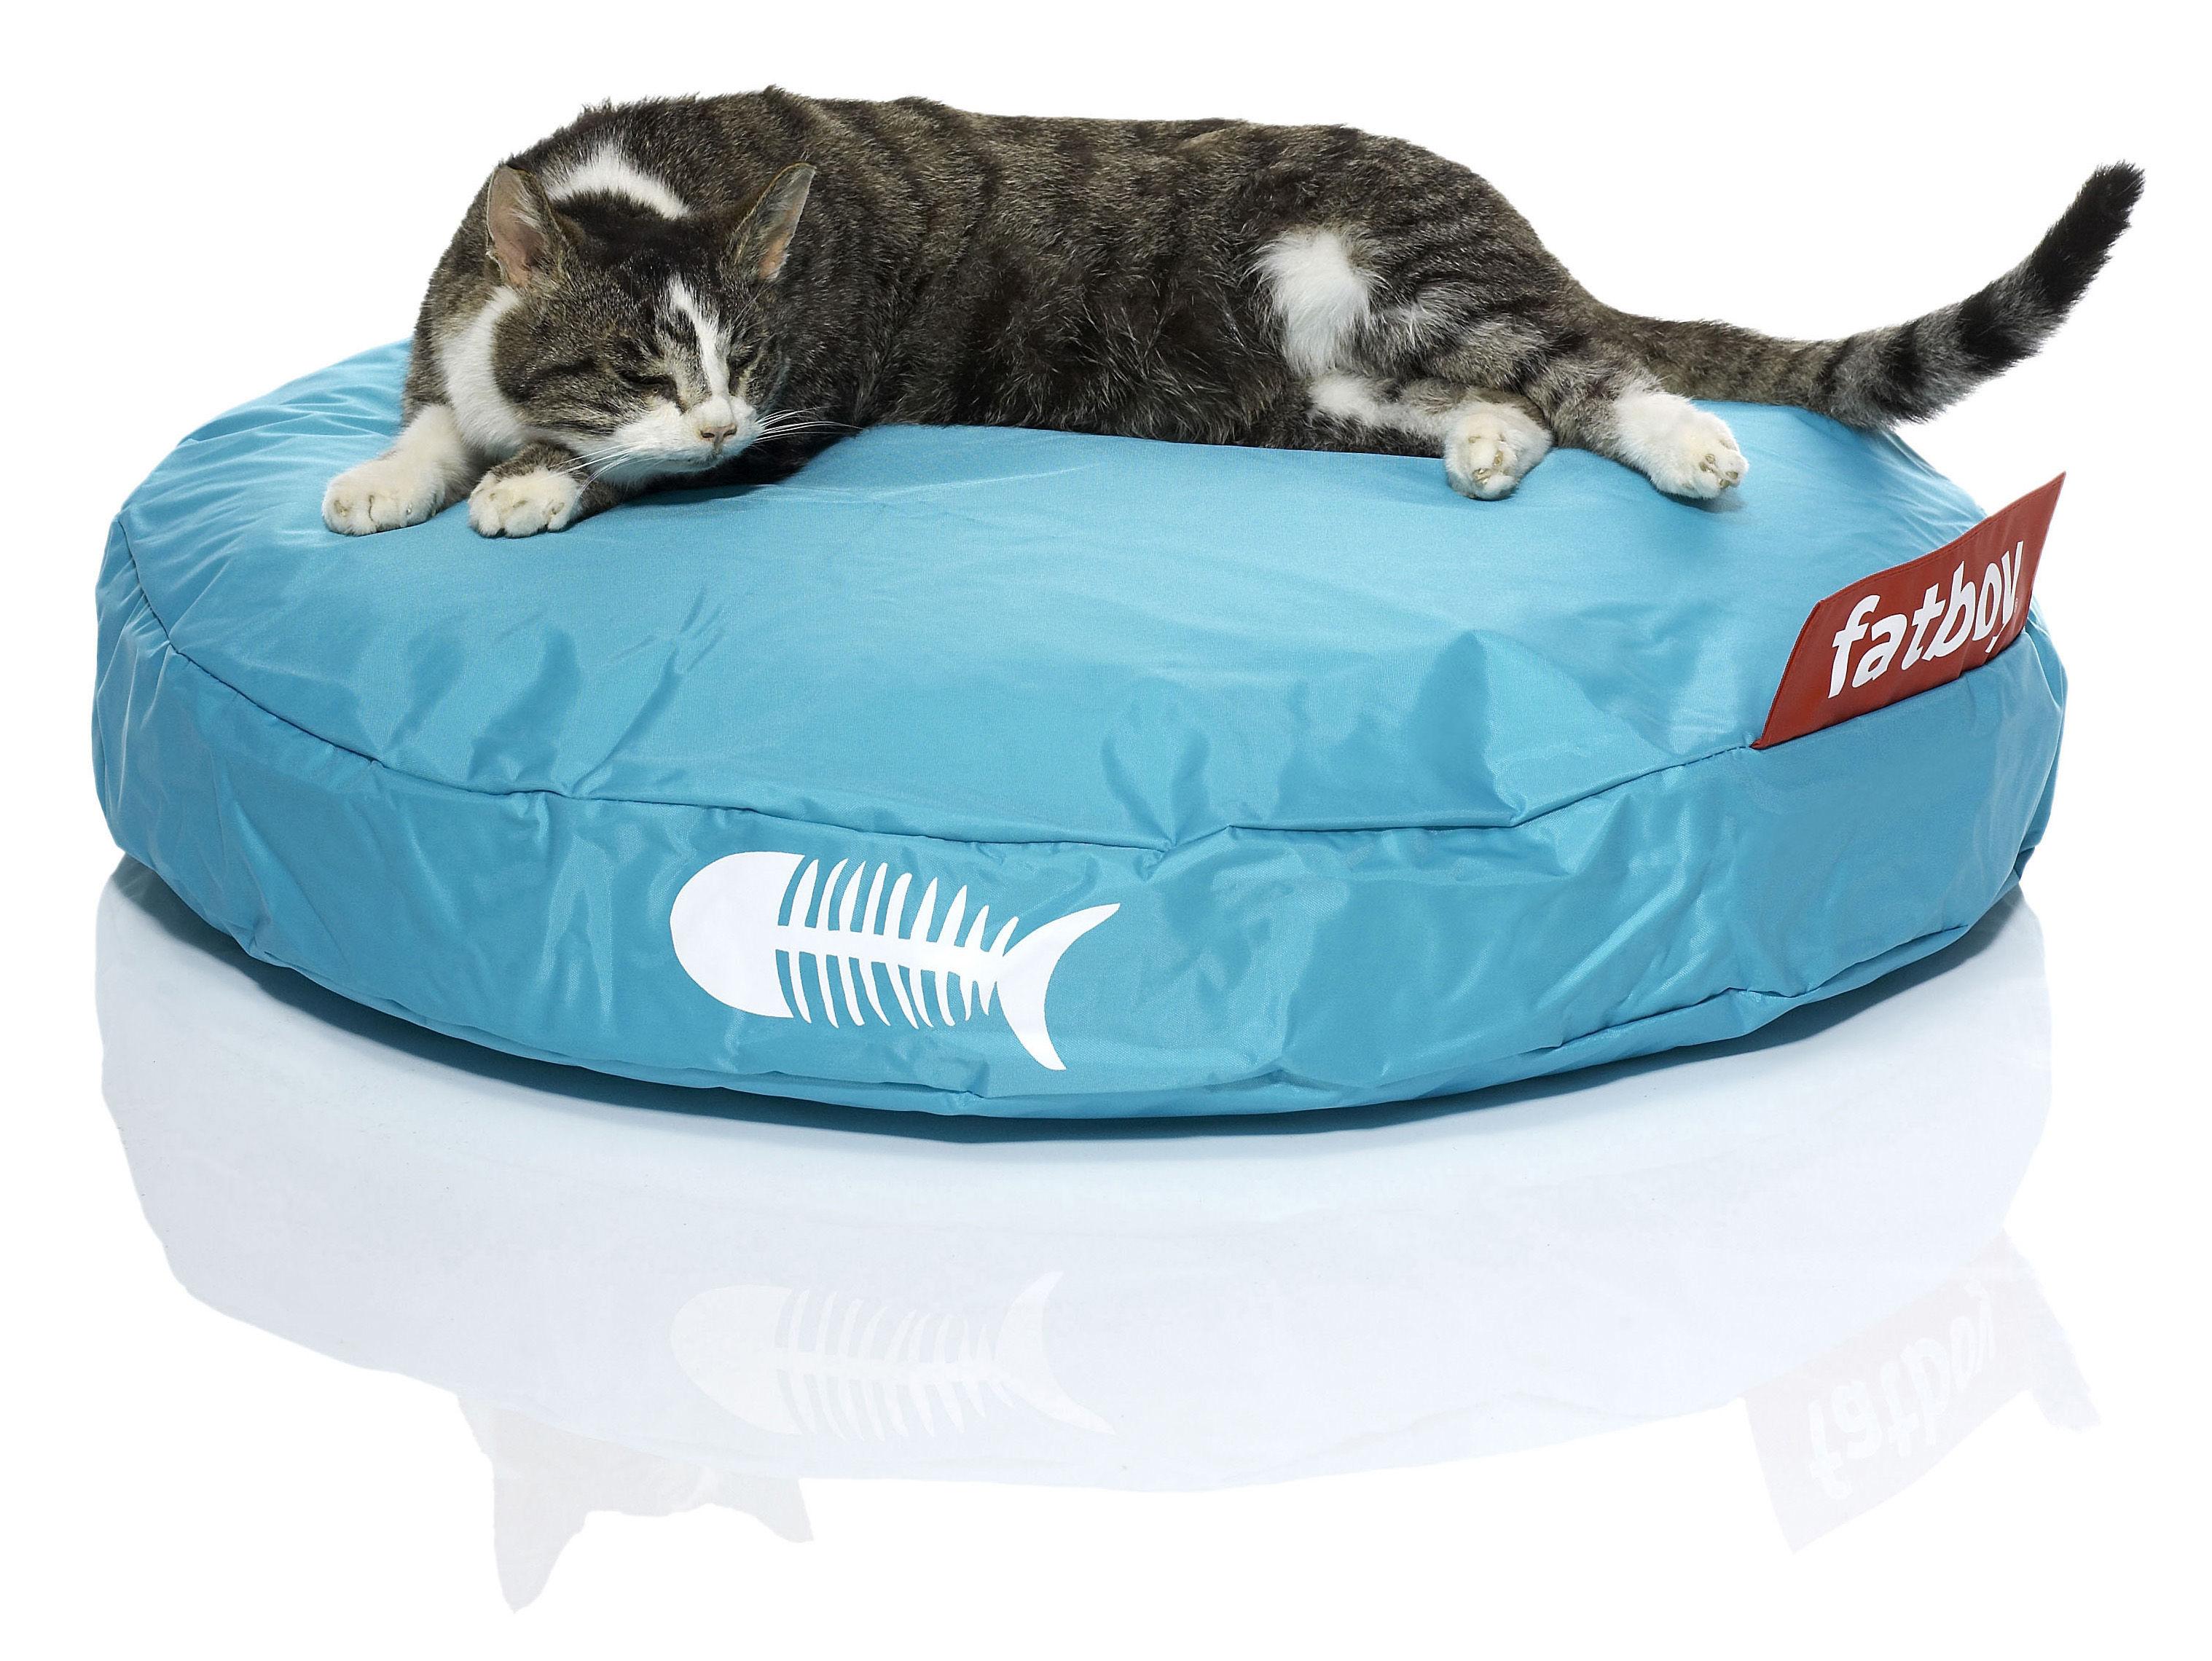 Scopri pouf catbag per gatto turchese di fatboy made in design italia